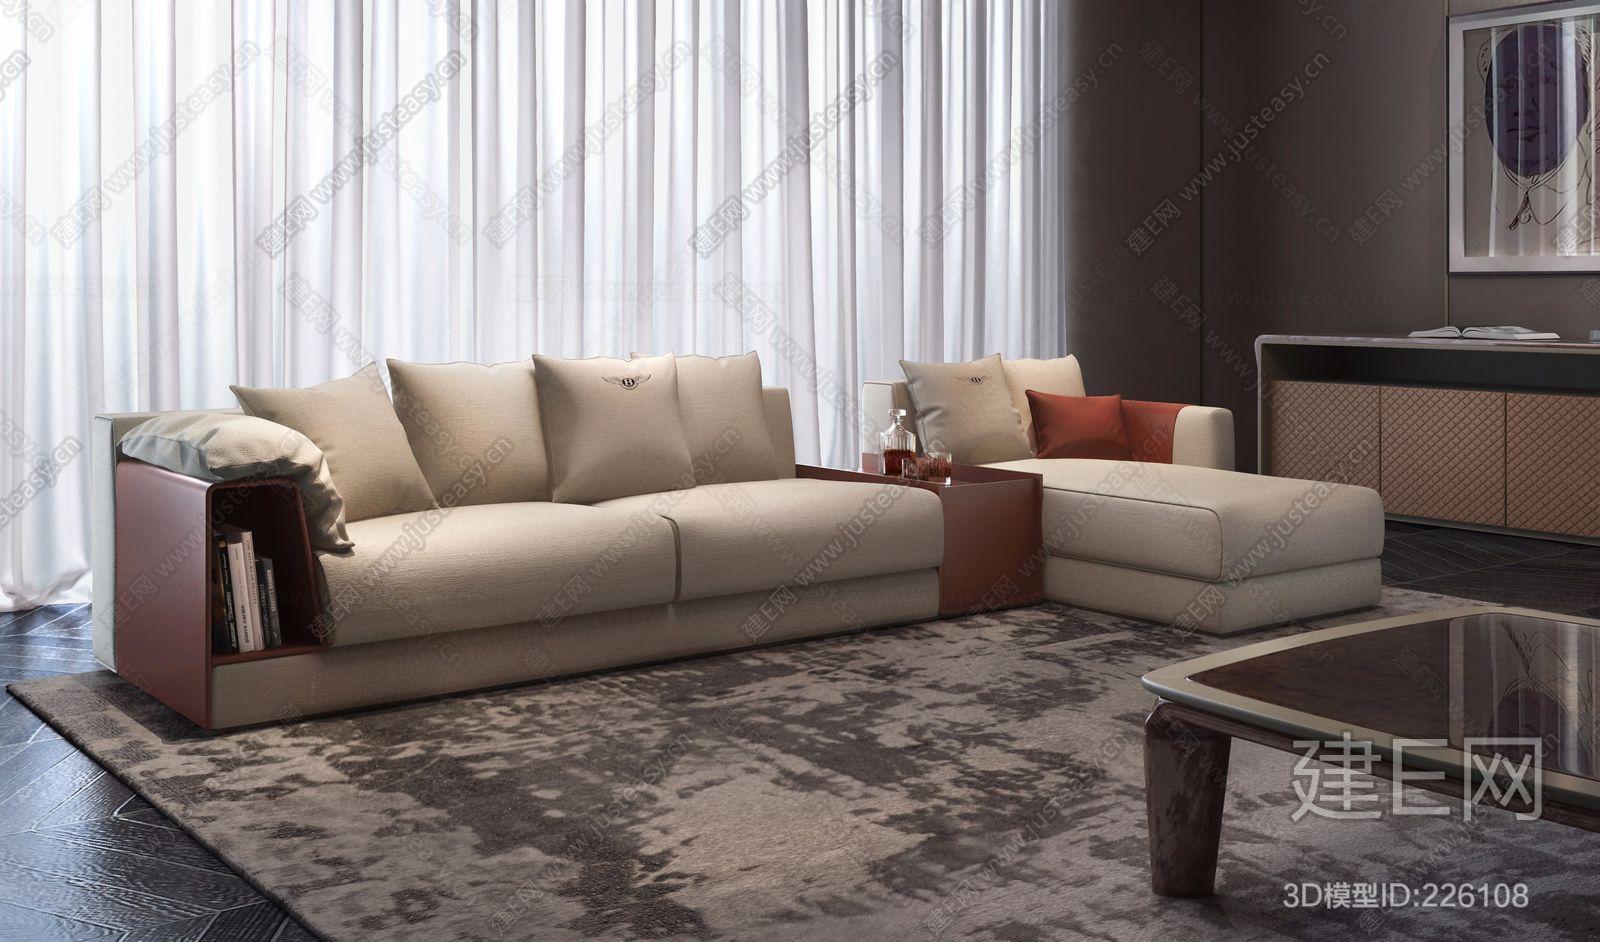 意大利宾利Bentley Home现代转角沙发ID:226108